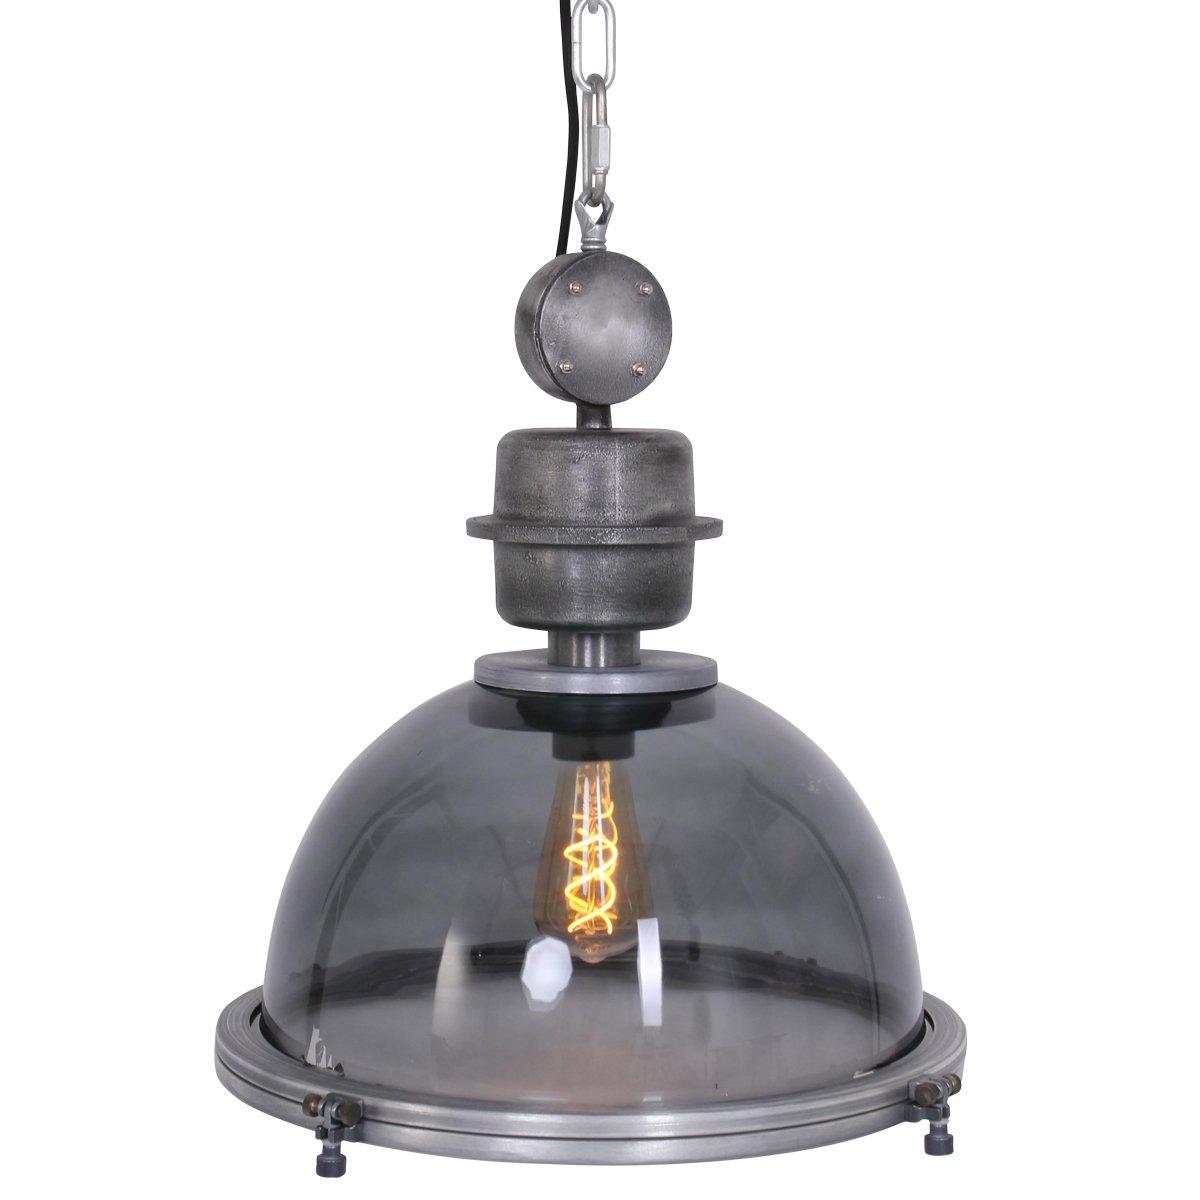 Steinhauer Hanglamp Bikkel industrieel Steinhauer 1452GR